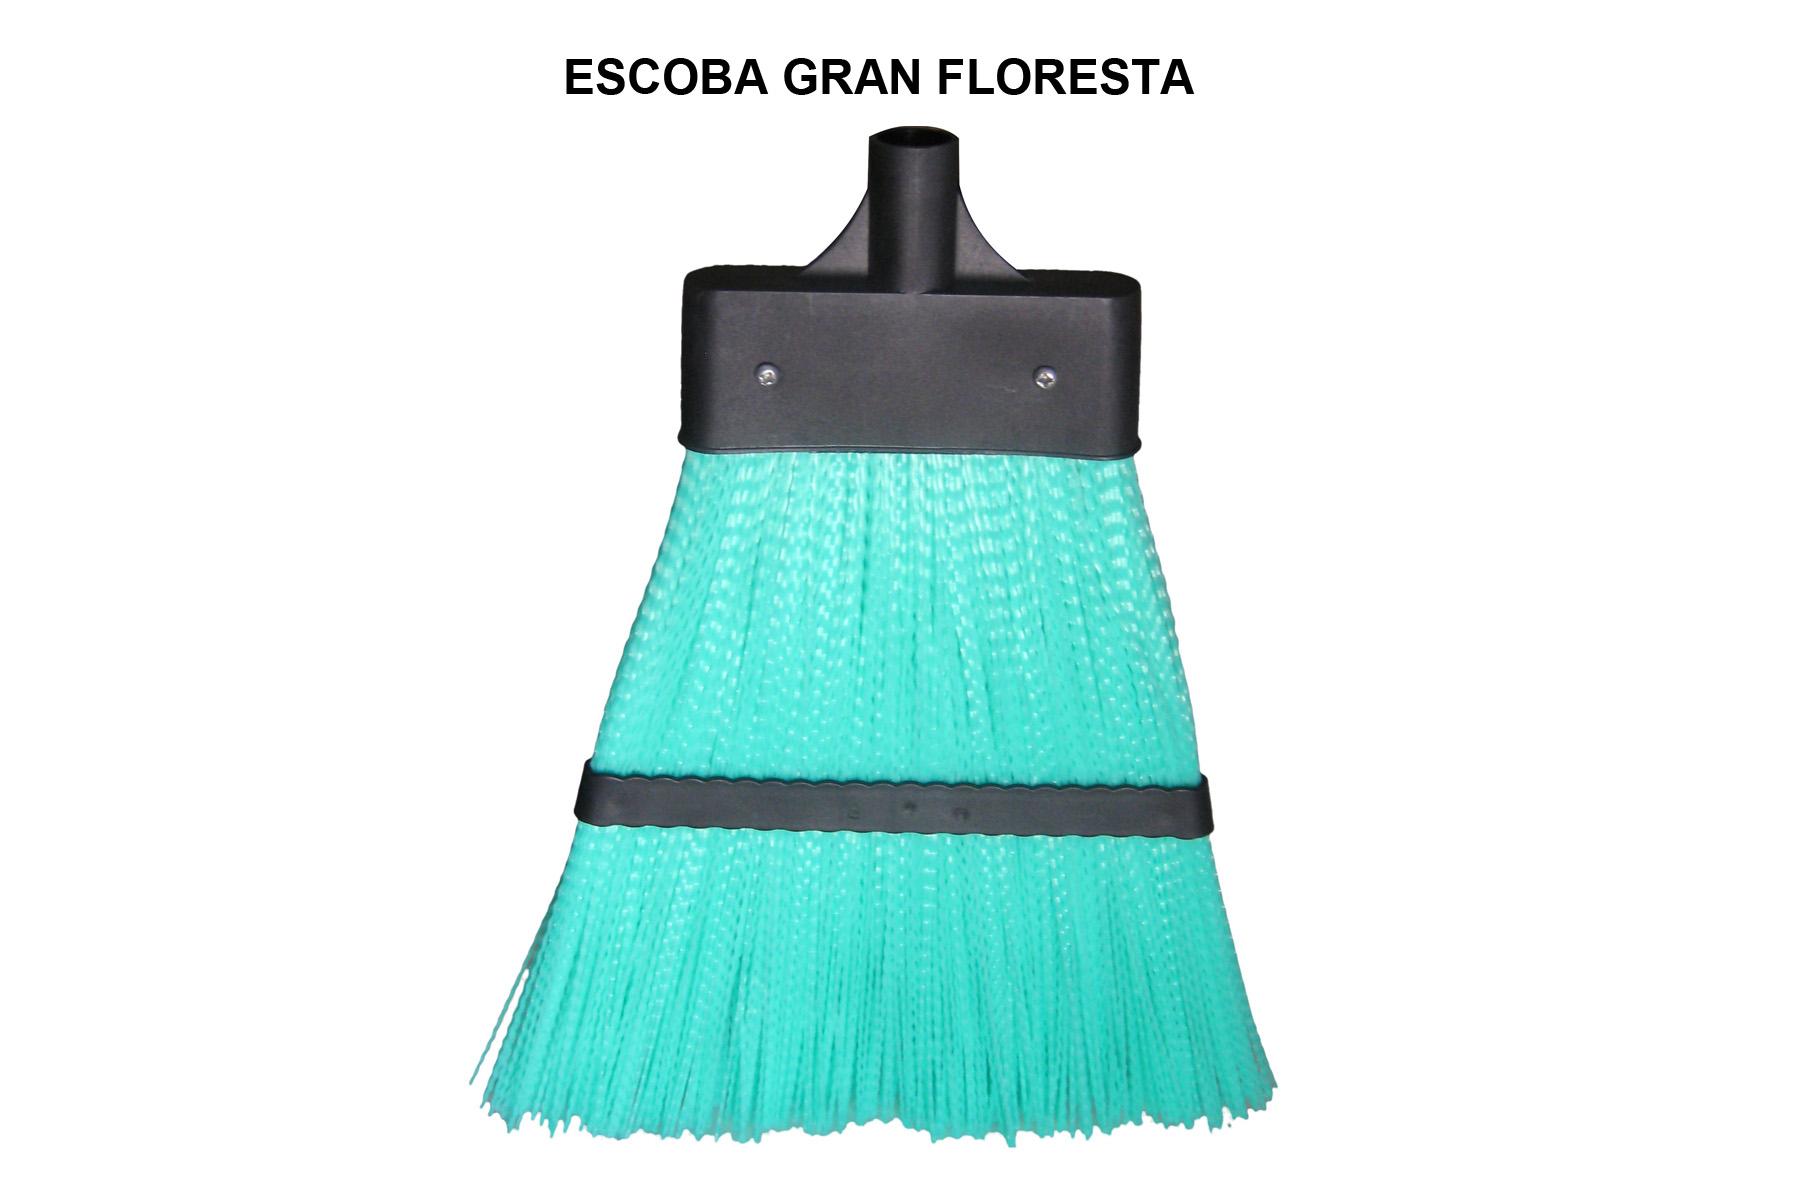 ESCOBA GRAN FLORESTA